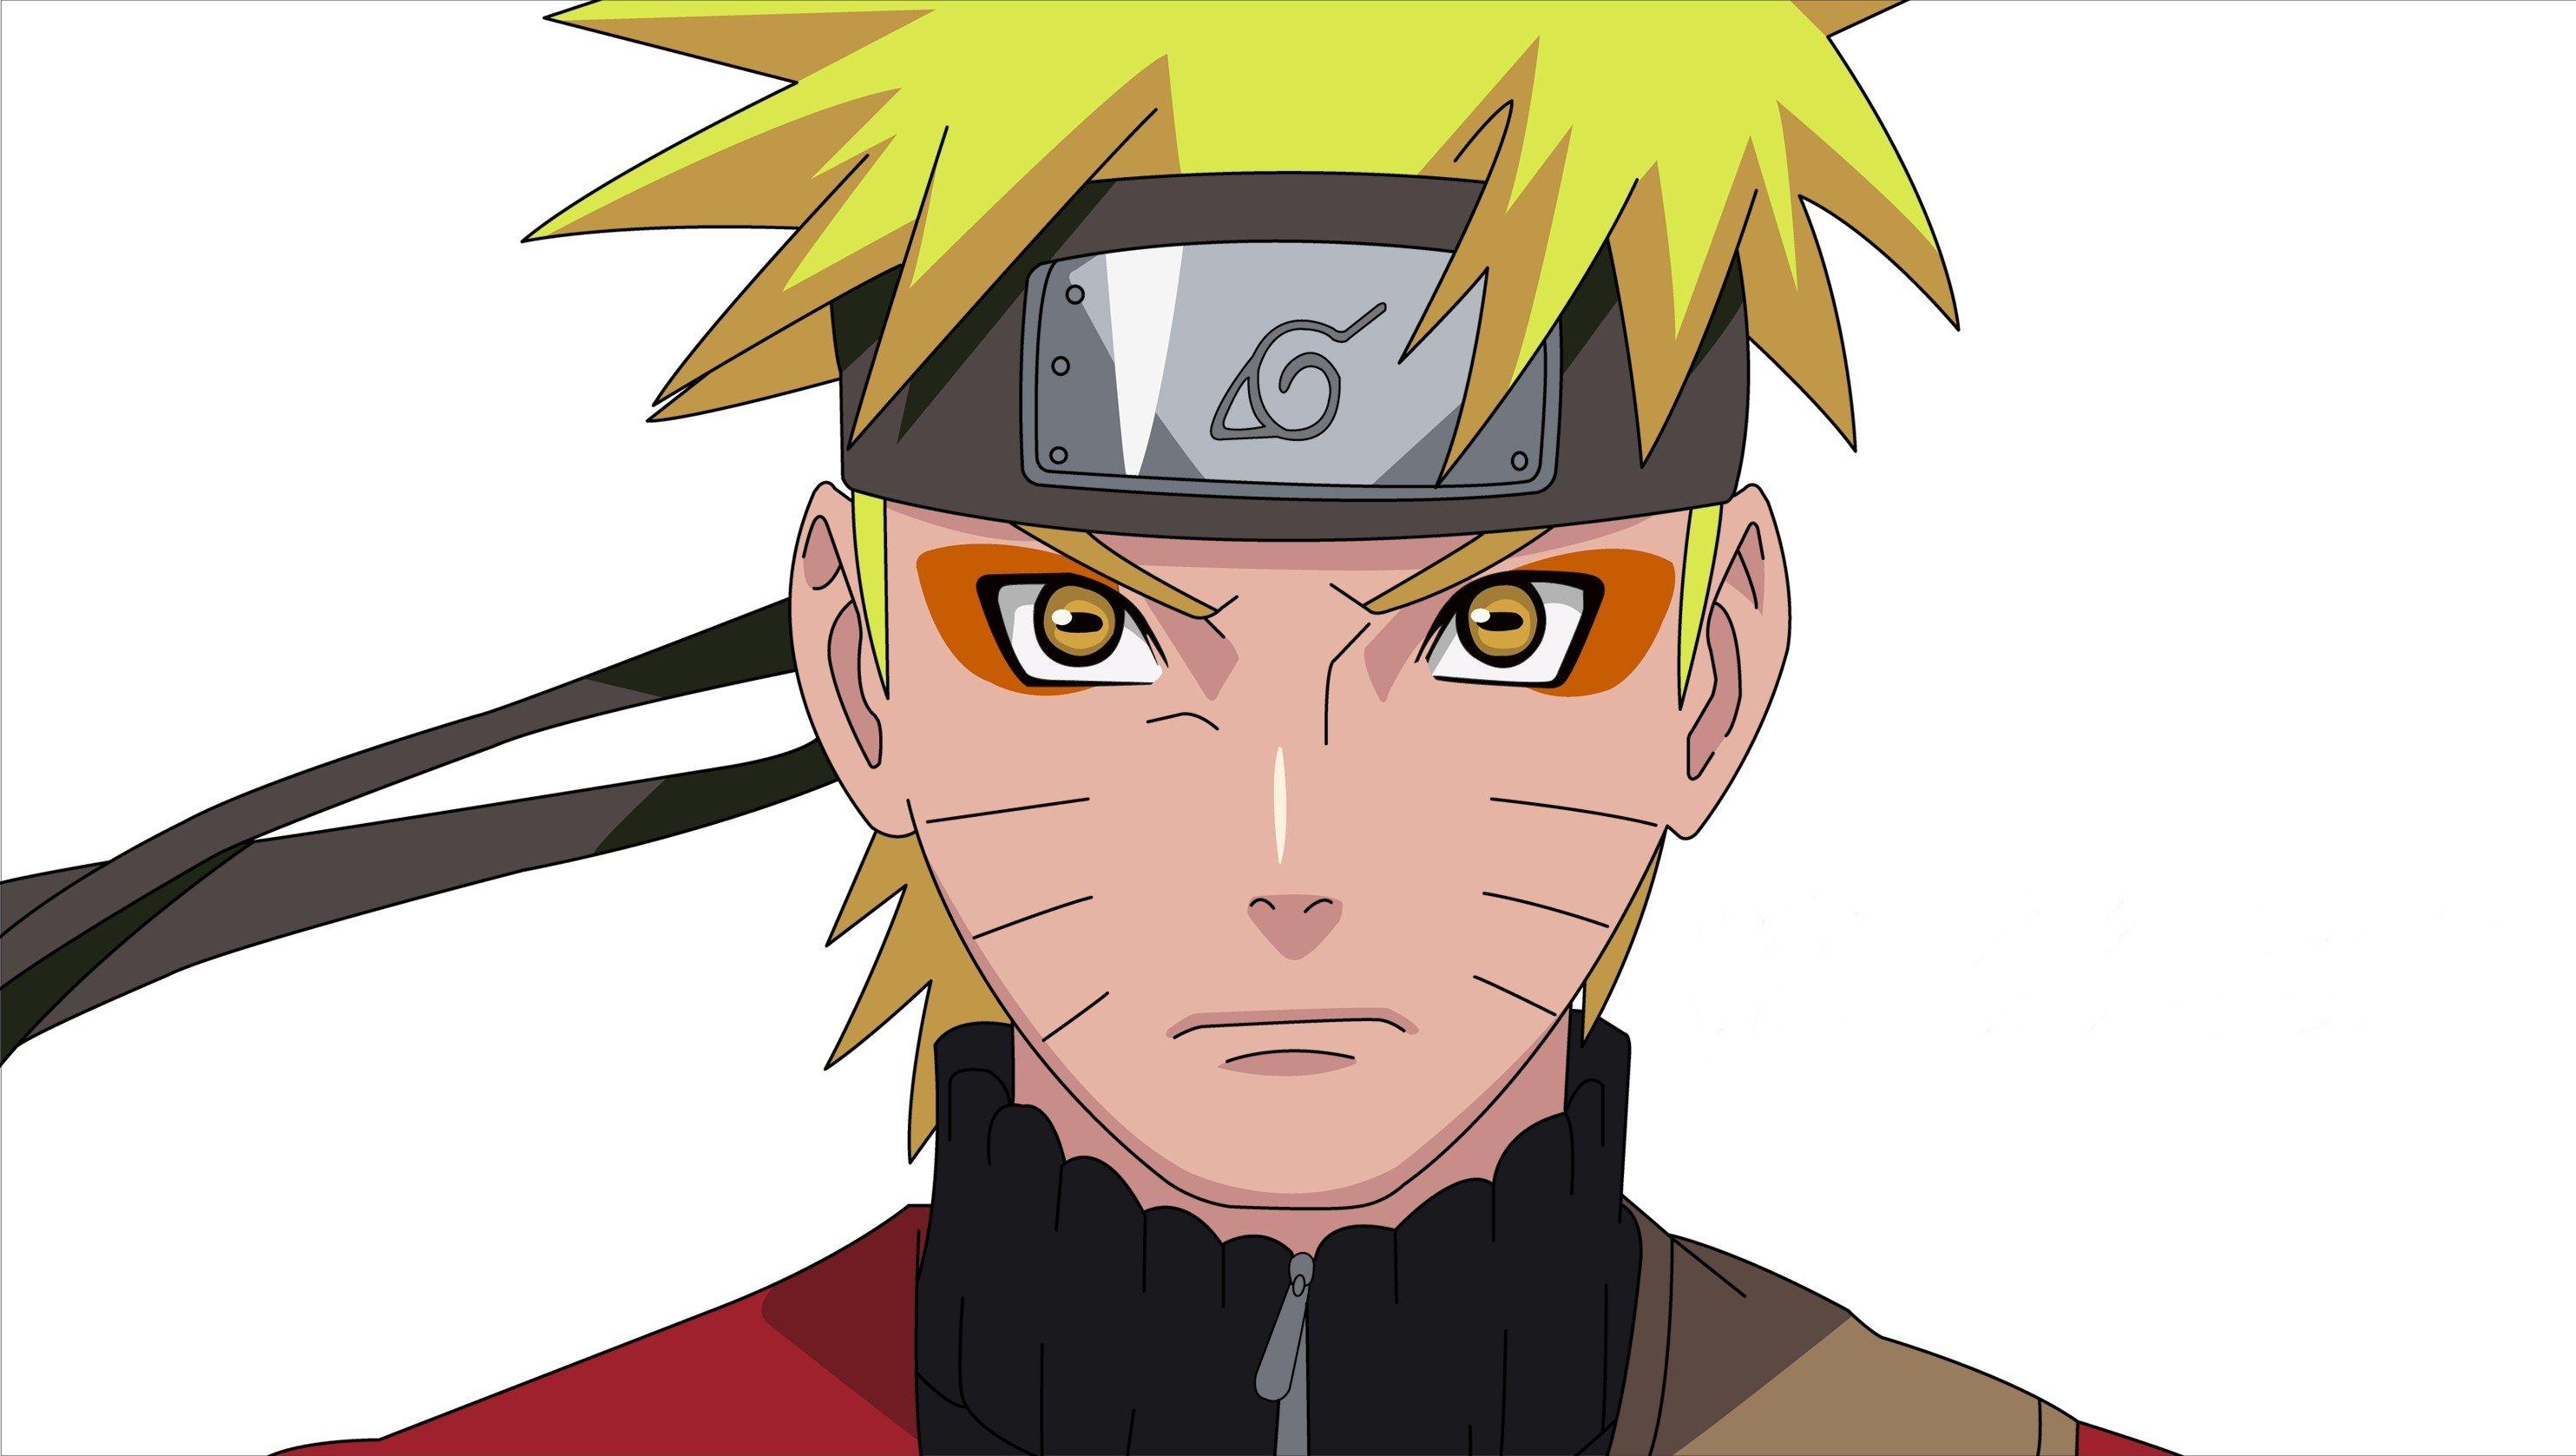 Simple Wallpaper Naruto Face - 02474e14e760dc36de96707d98775704  Snapshot_527293.jpg